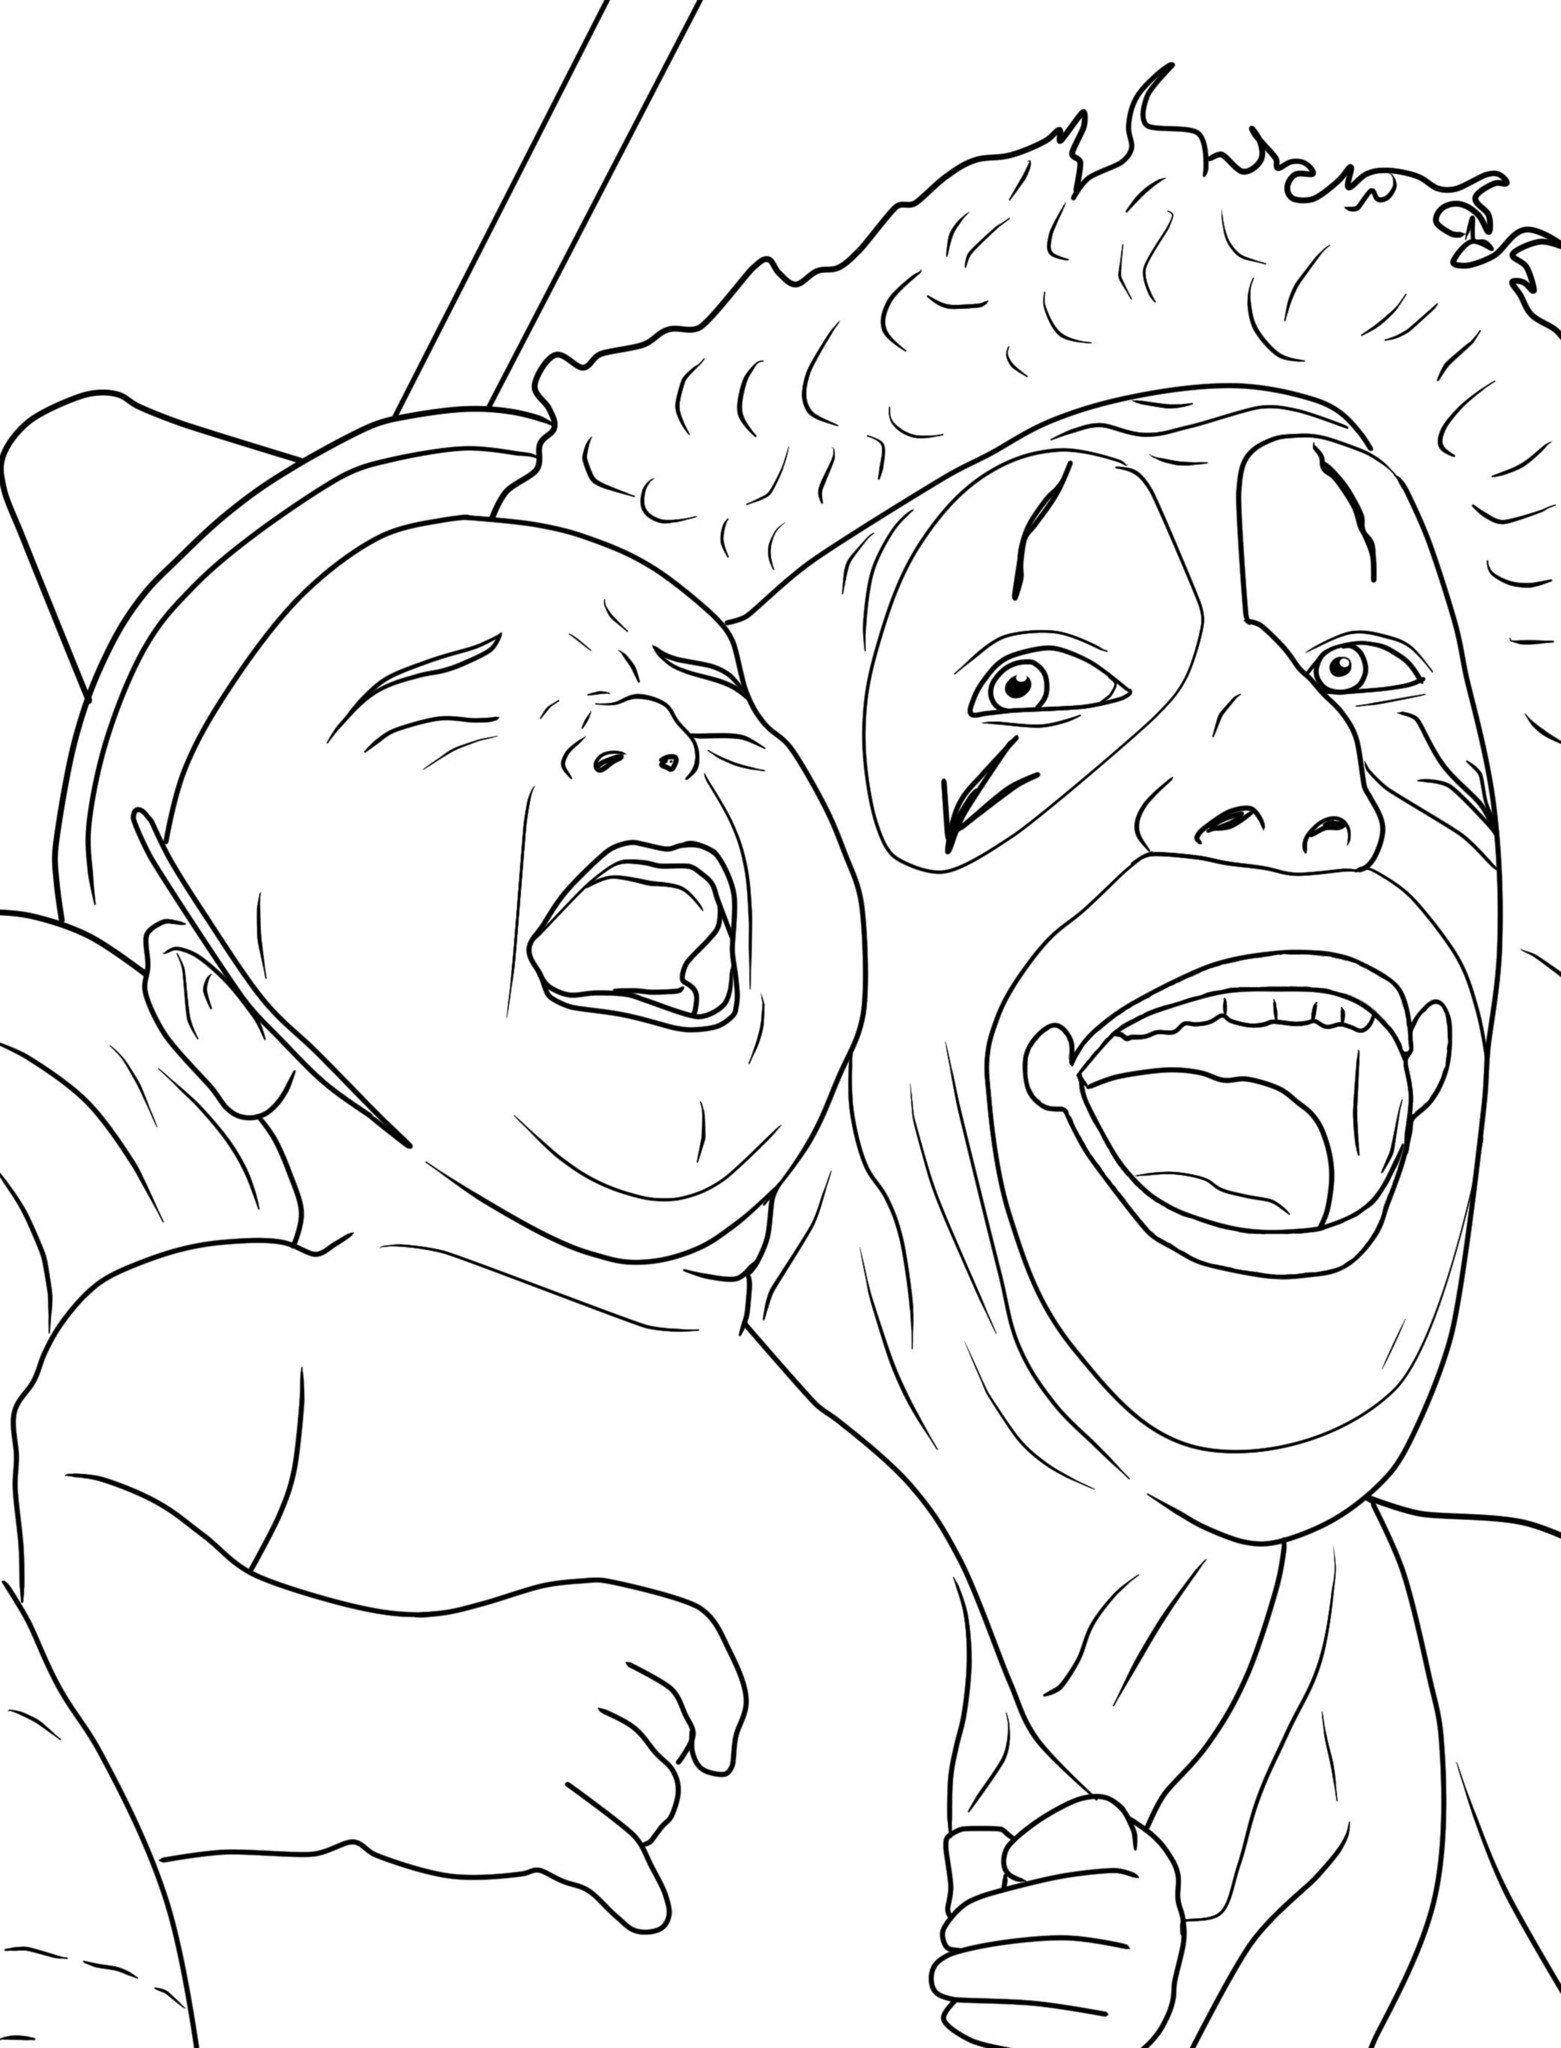 Kleurplaat Film Trolls Creepy Clown Coloring Pages Coloring Home